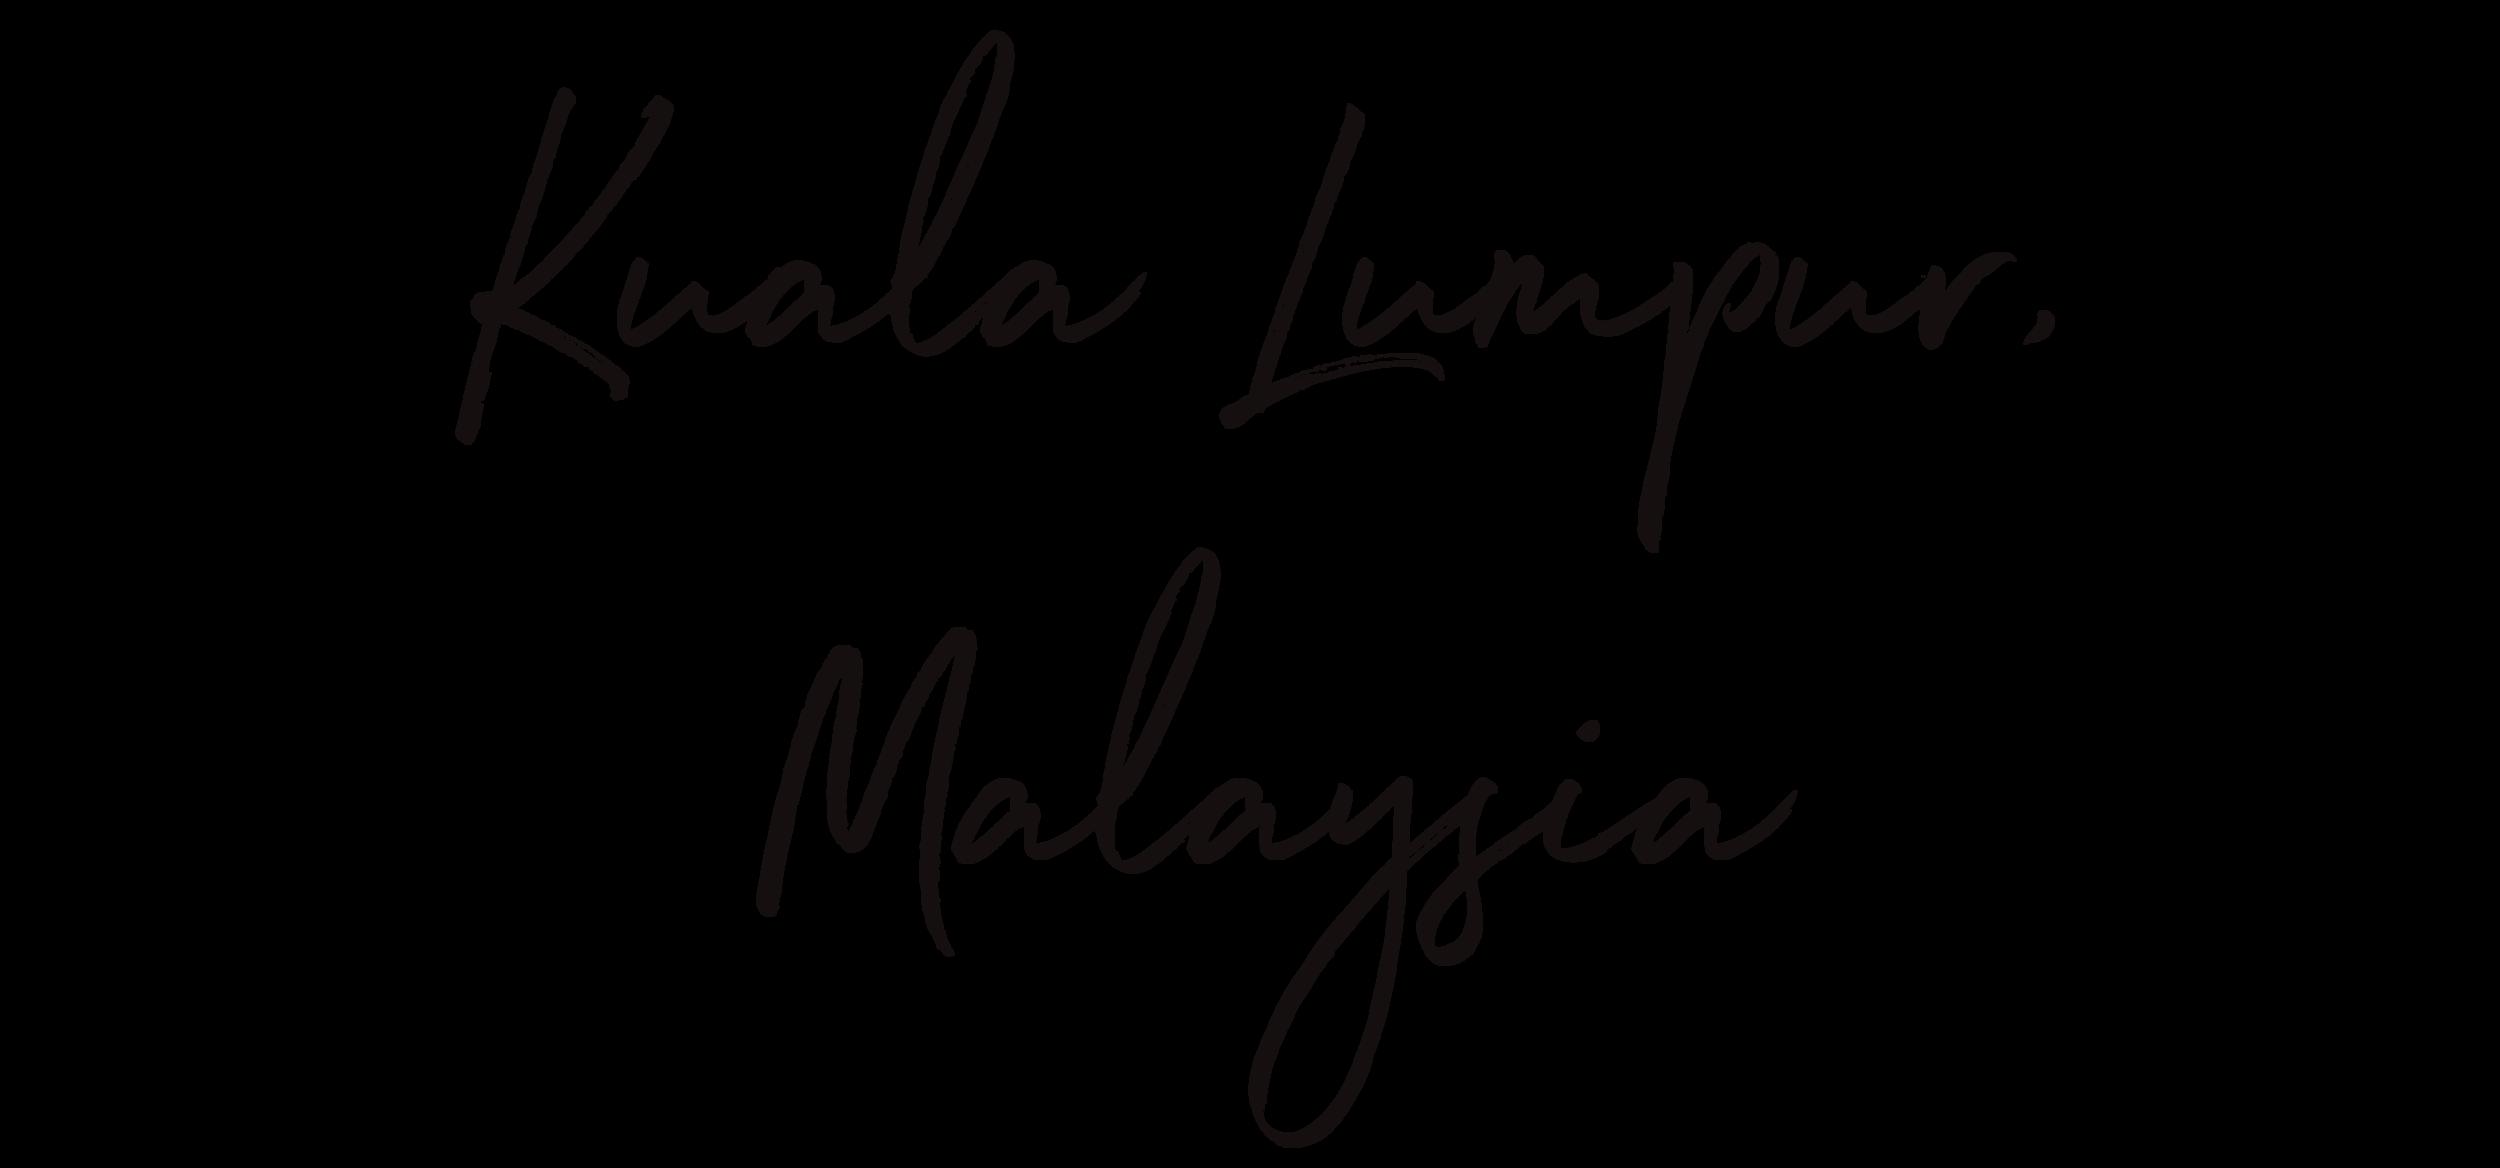 Kuala Lumpur-28-28.png